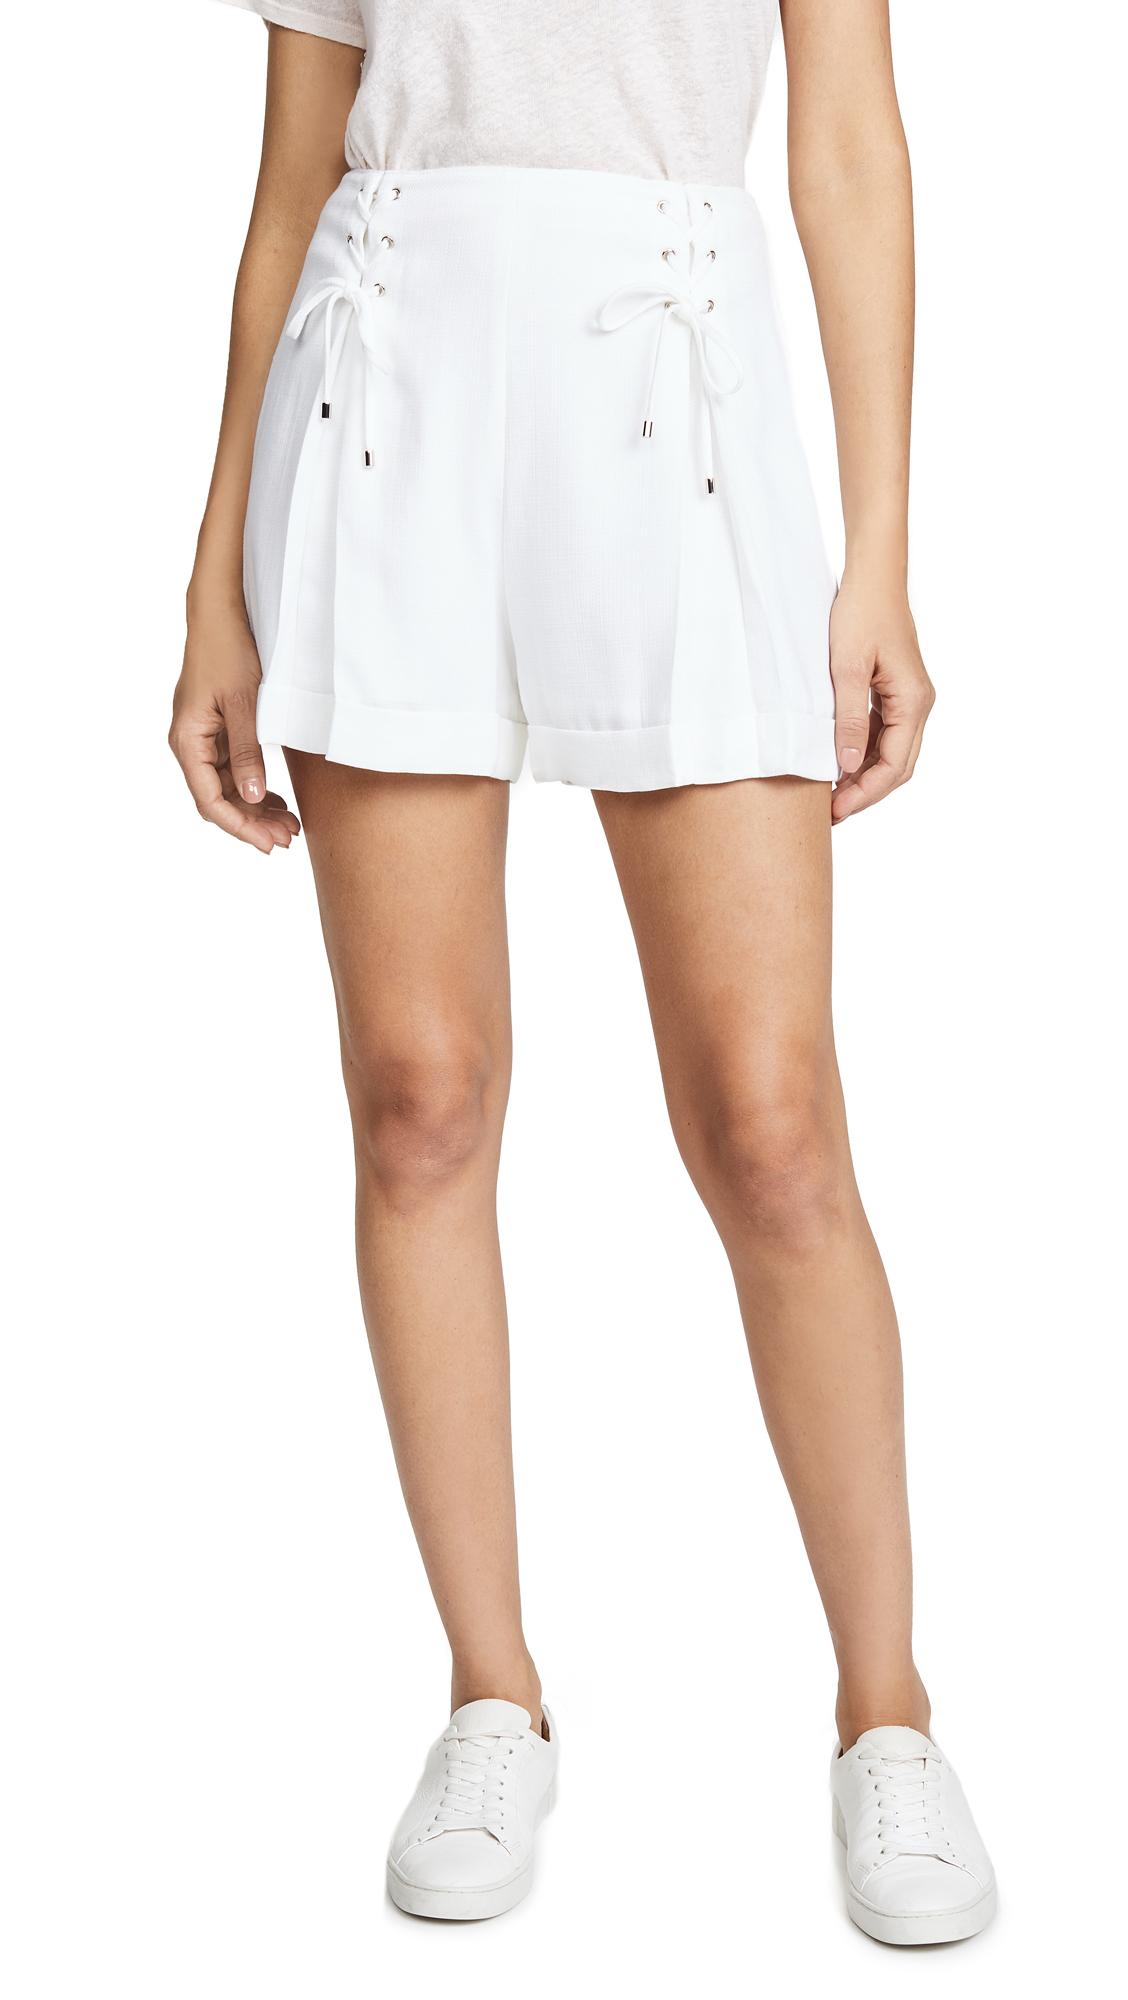 Club Monaco Ditmas Shorts - White